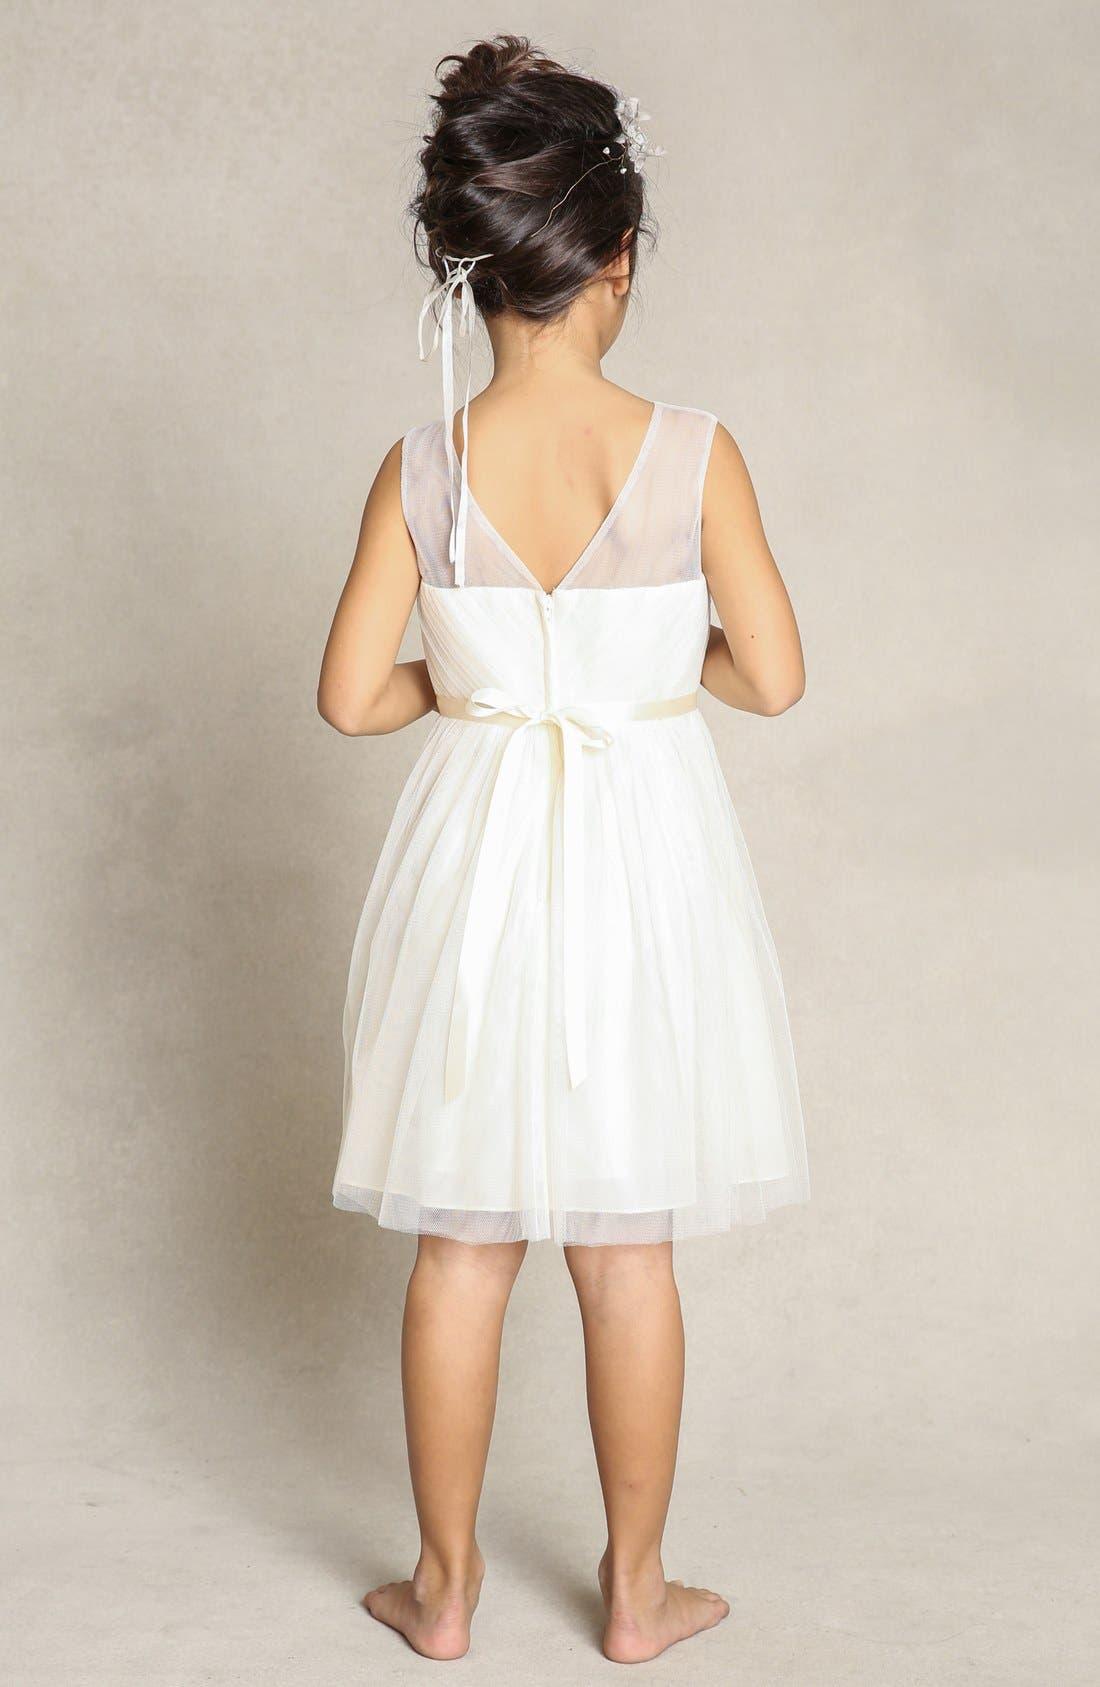 Zoe Floral Appliqué Tulle Dress,                             Alternate thumbnail 2, color,                             Cream